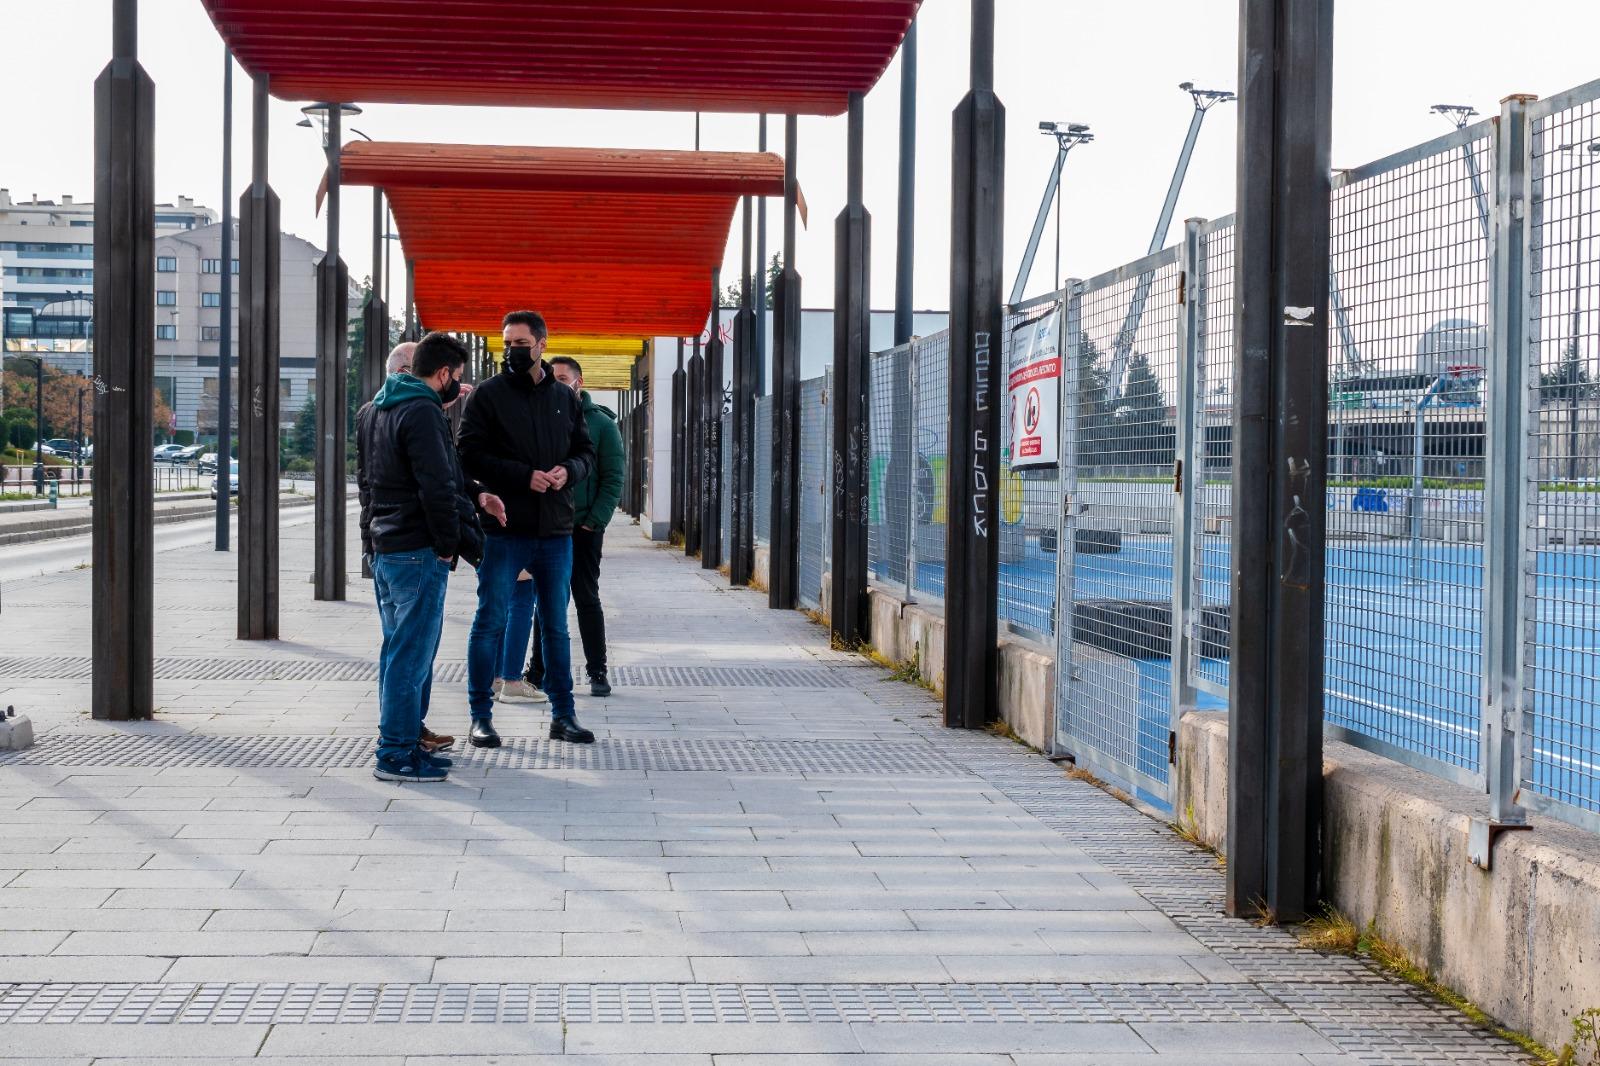 El PSOE exige al Ayuntamiento la apertura inmediata de la plaza del antiguo botellódromo